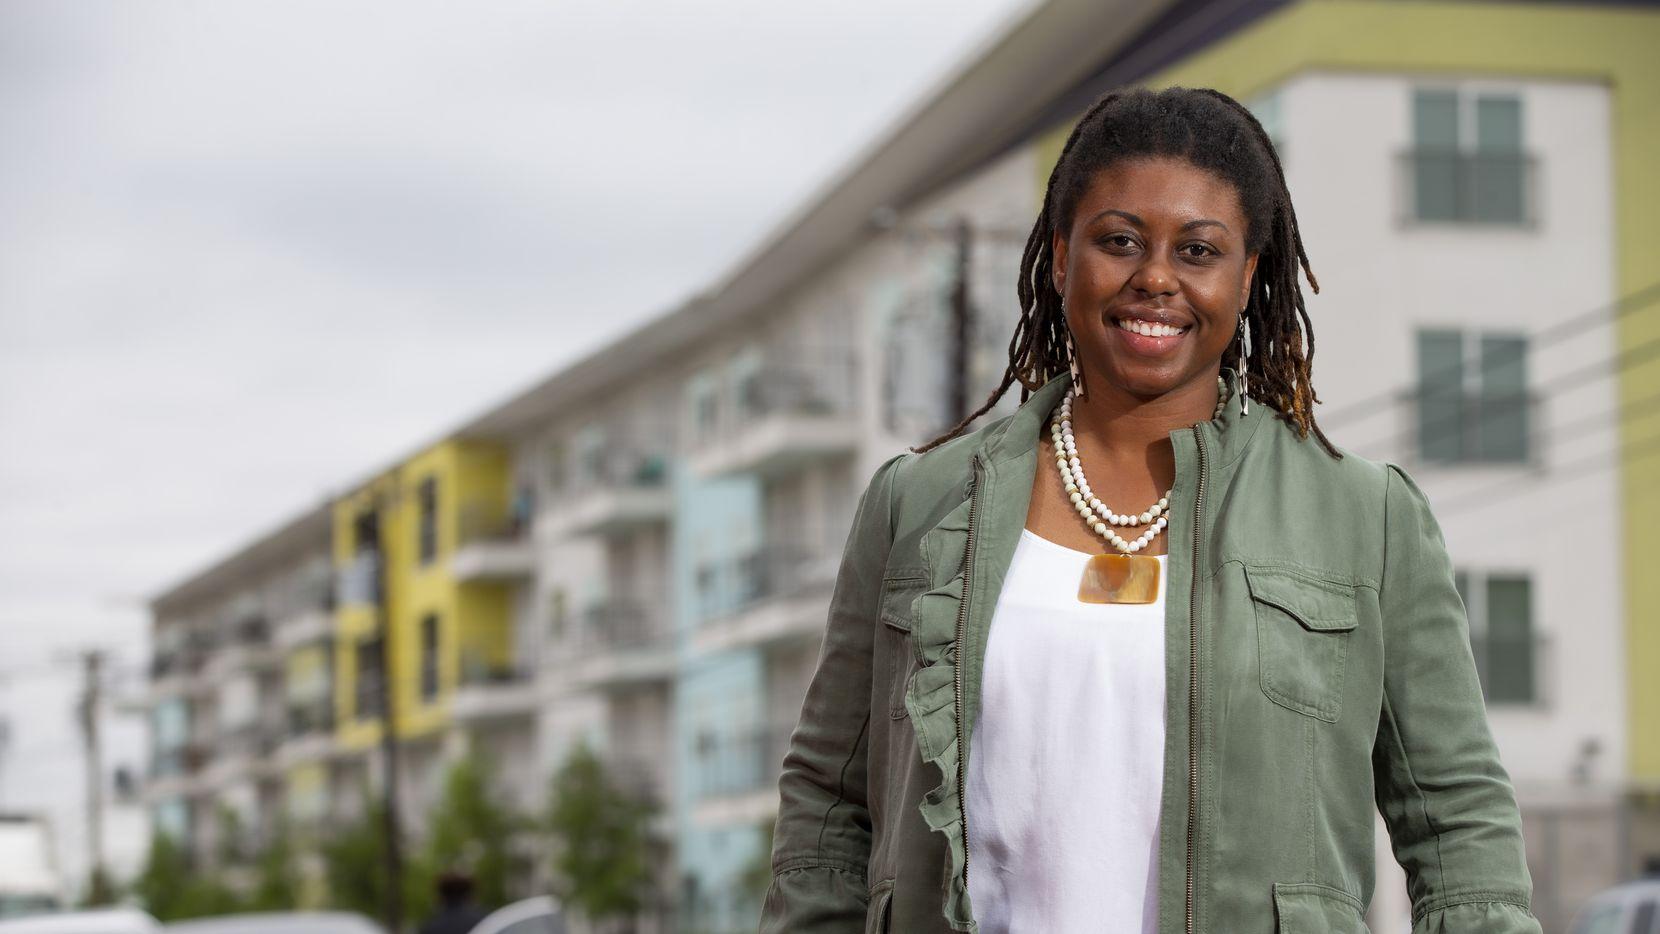 """Joli Robinson su nuevo trabajo en Metro Dallas Homeless Alliance como """"el honor de su vida"""". Su reto es resolver el problema de la indigencia en los condados de Dallas y Collin."""